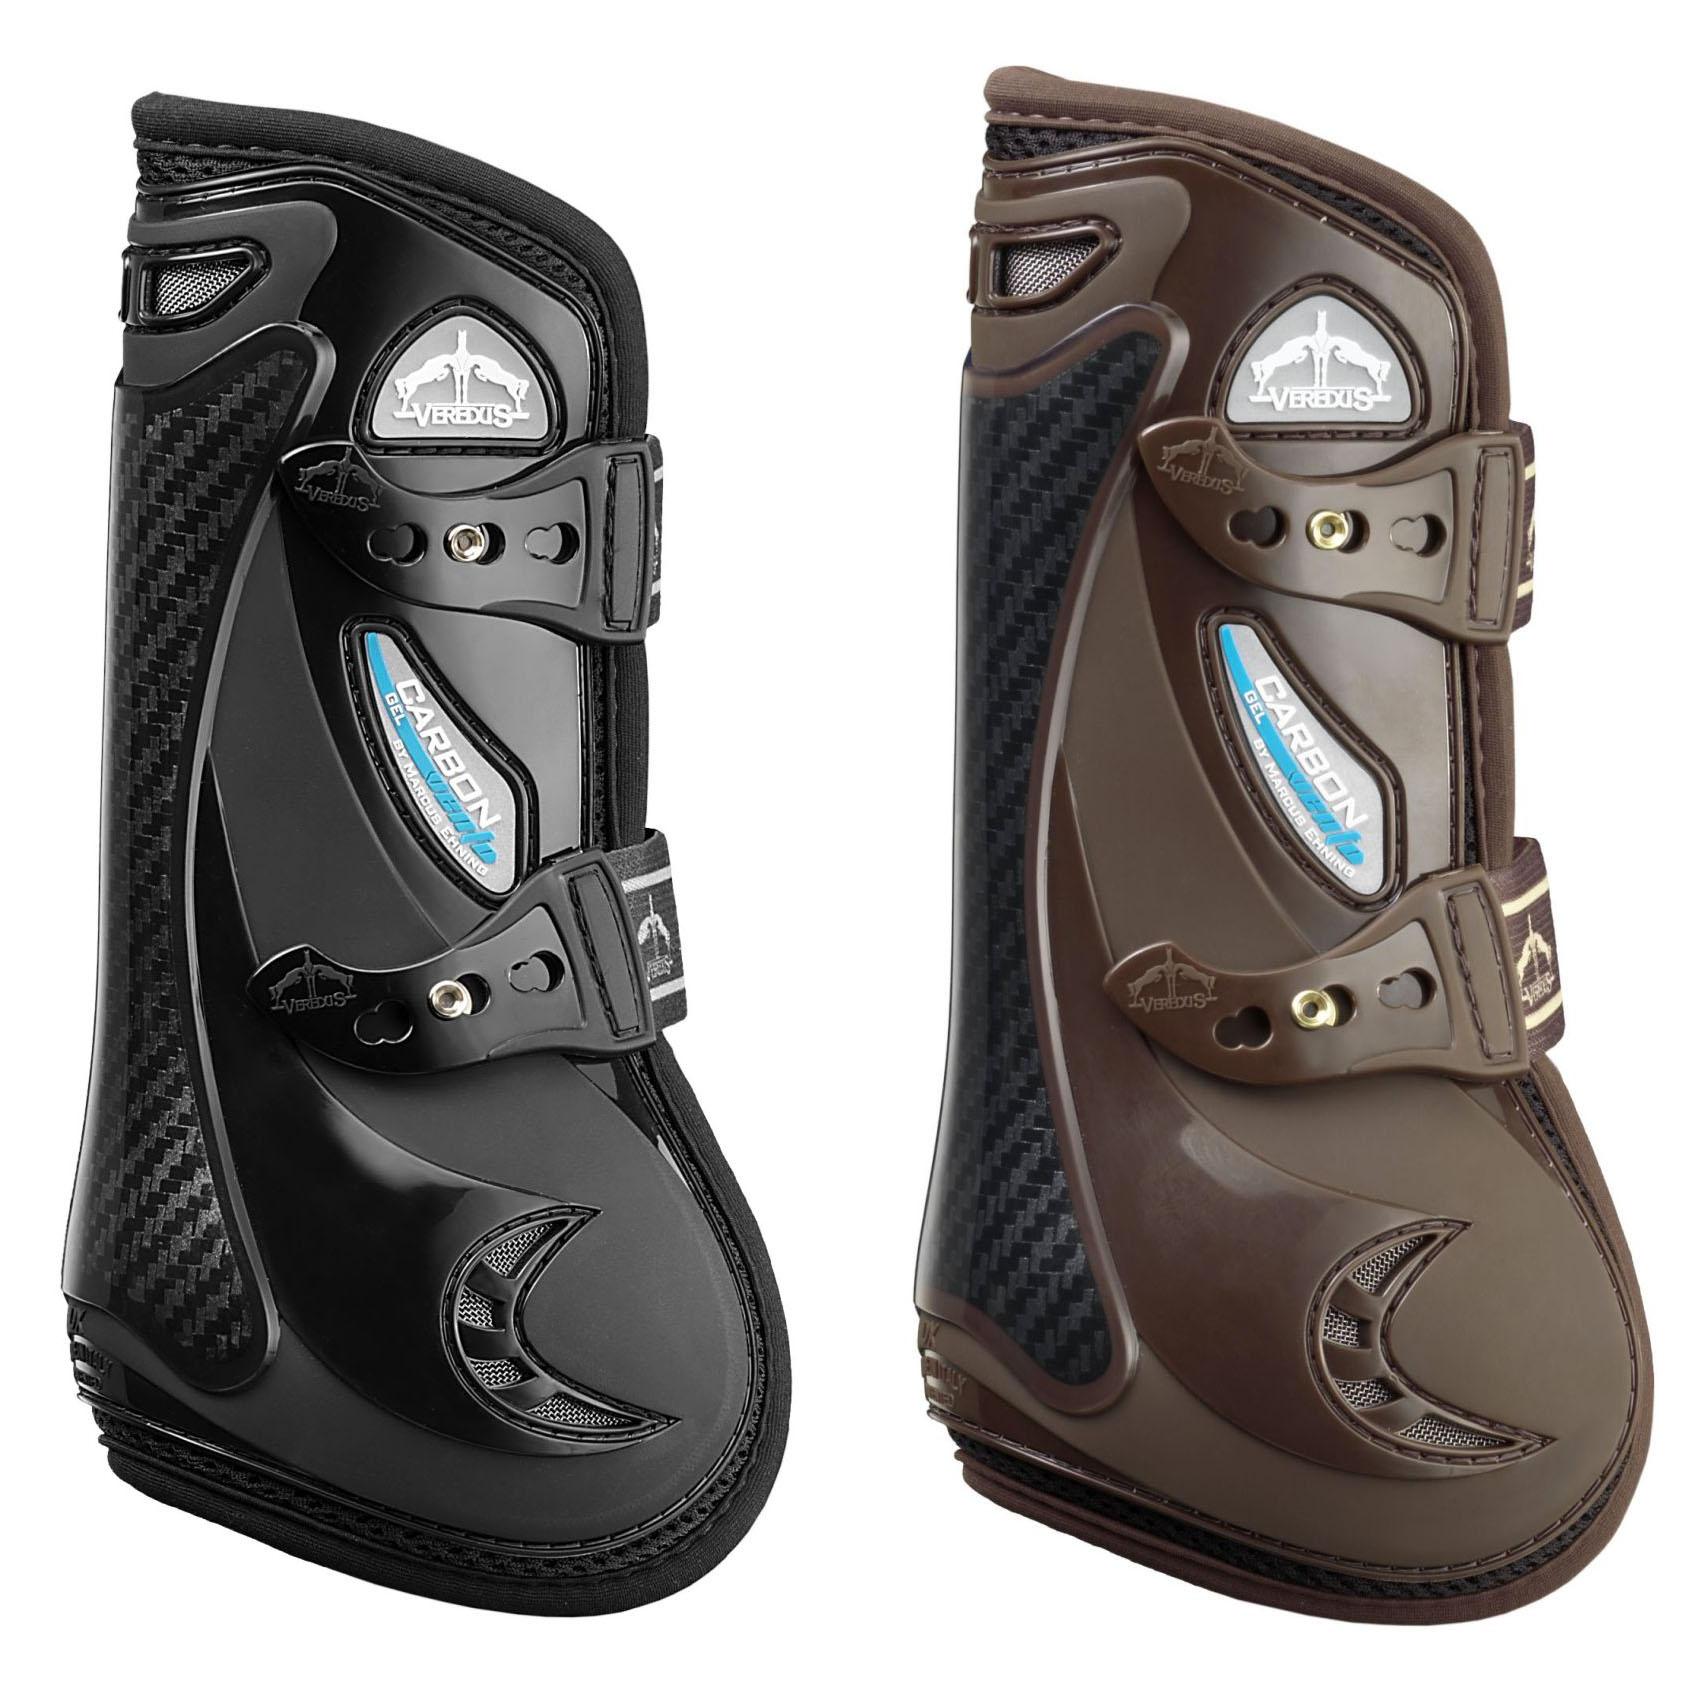 Veredus Carbon Gel Vento Front Tendon Boots Black Pferdeausstattung & Zubehör Reit- & Fahrsport-Artikel